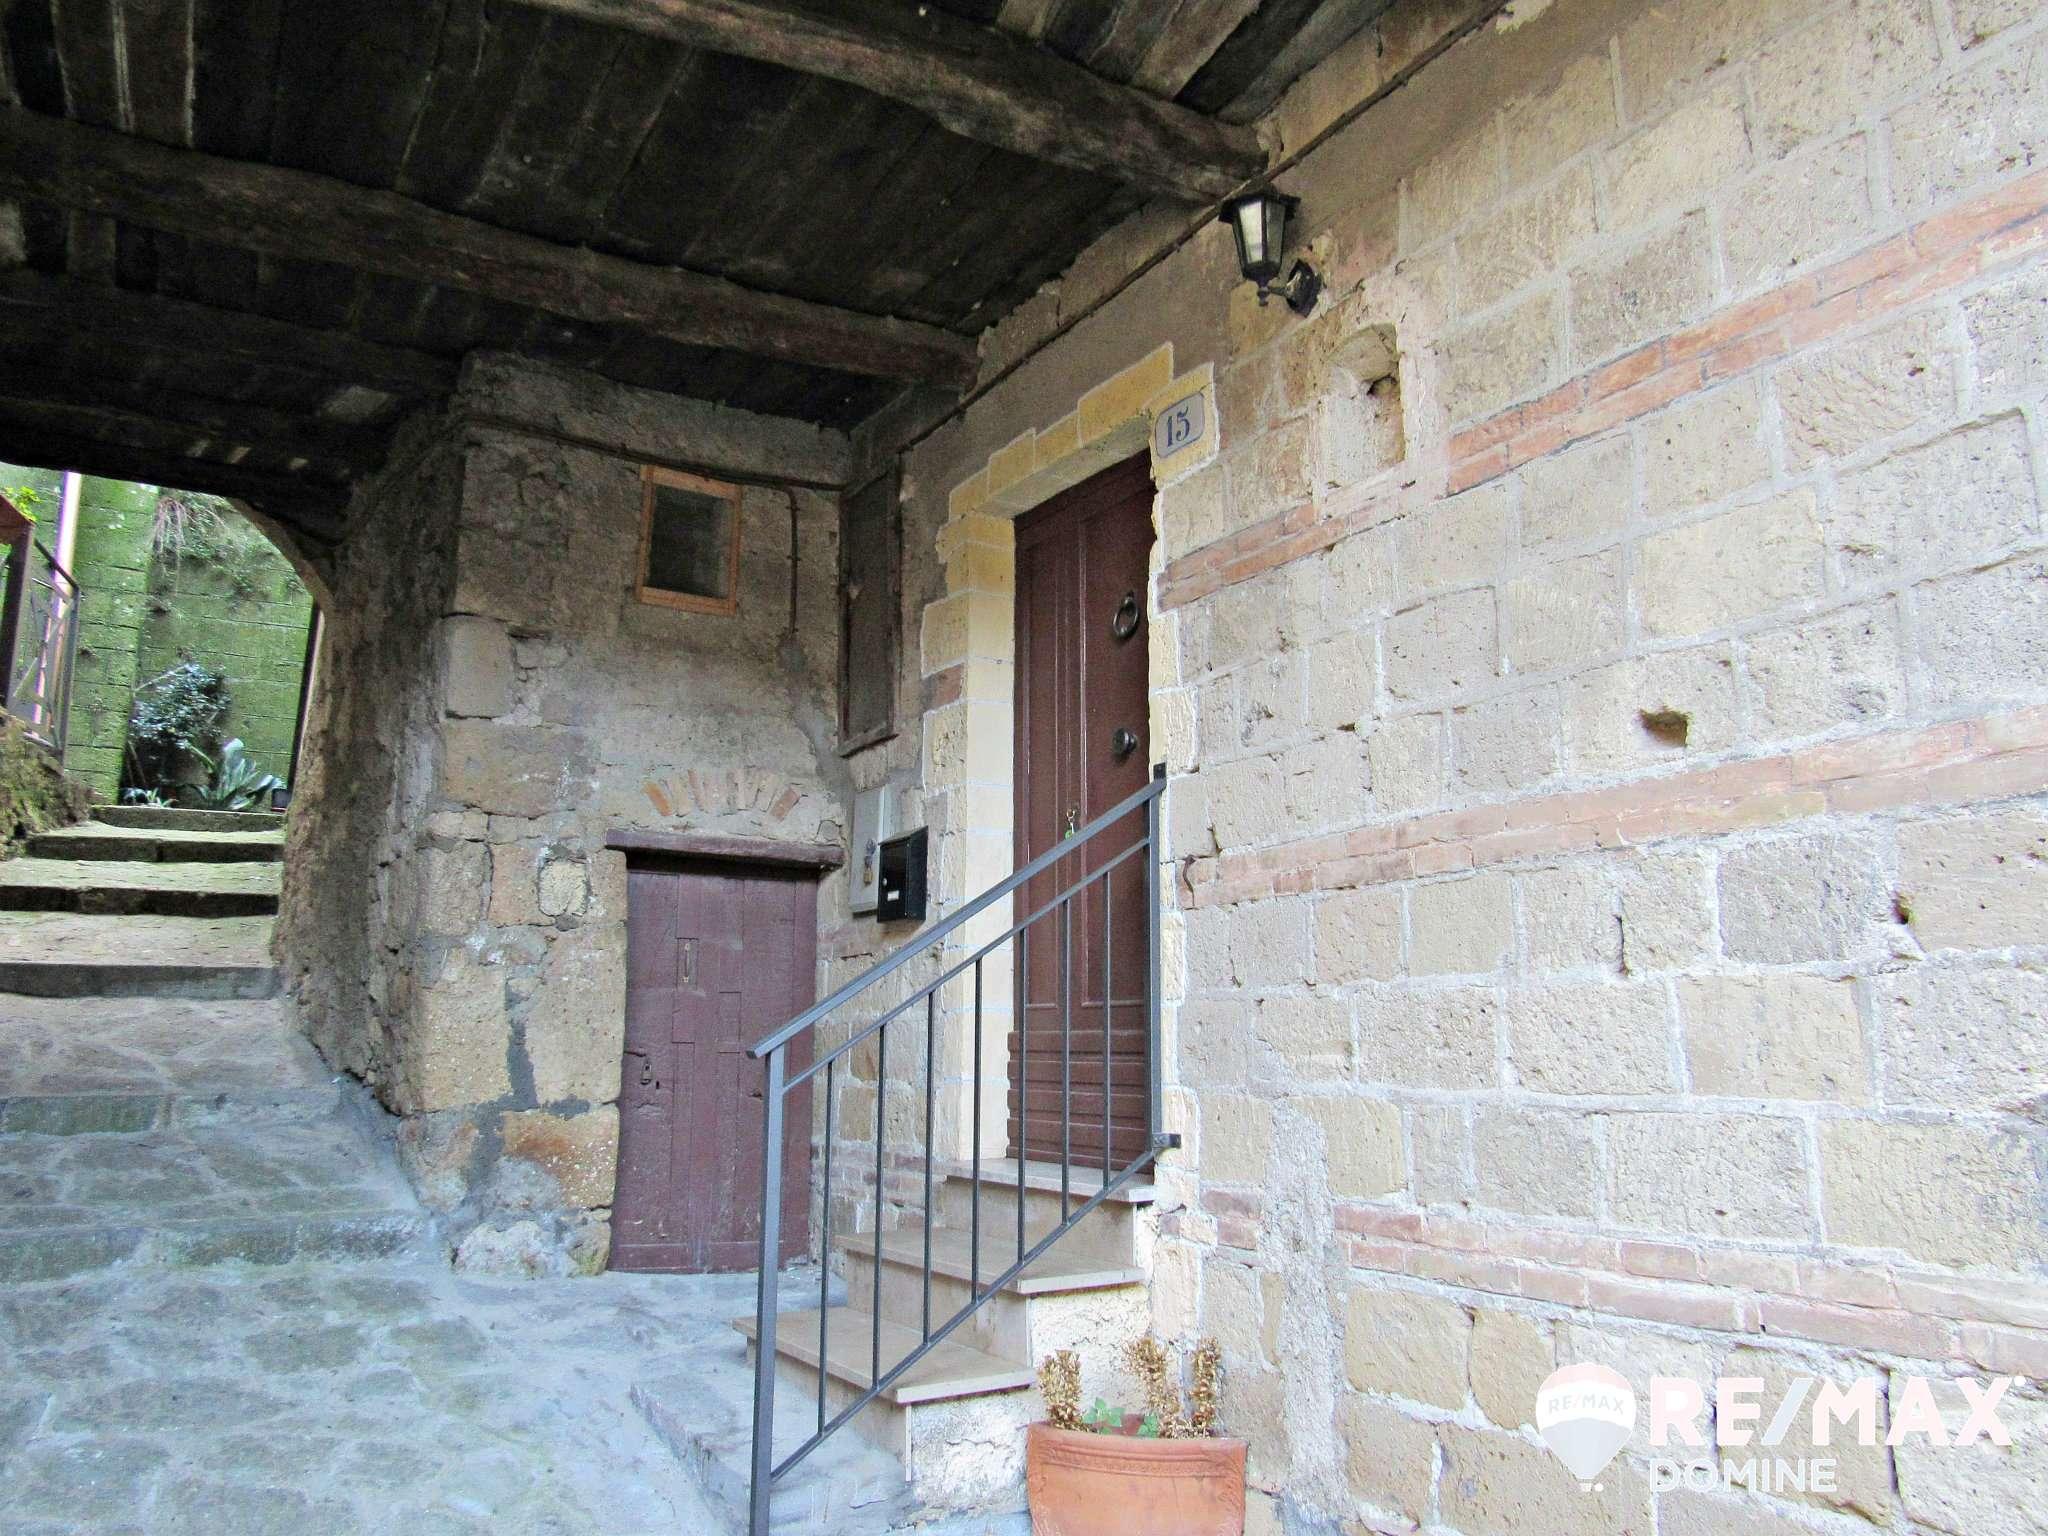 Appartamento in vendita a Grotte di Castro, 2 locali, prezzo € 32.000 | CambioCasa.it